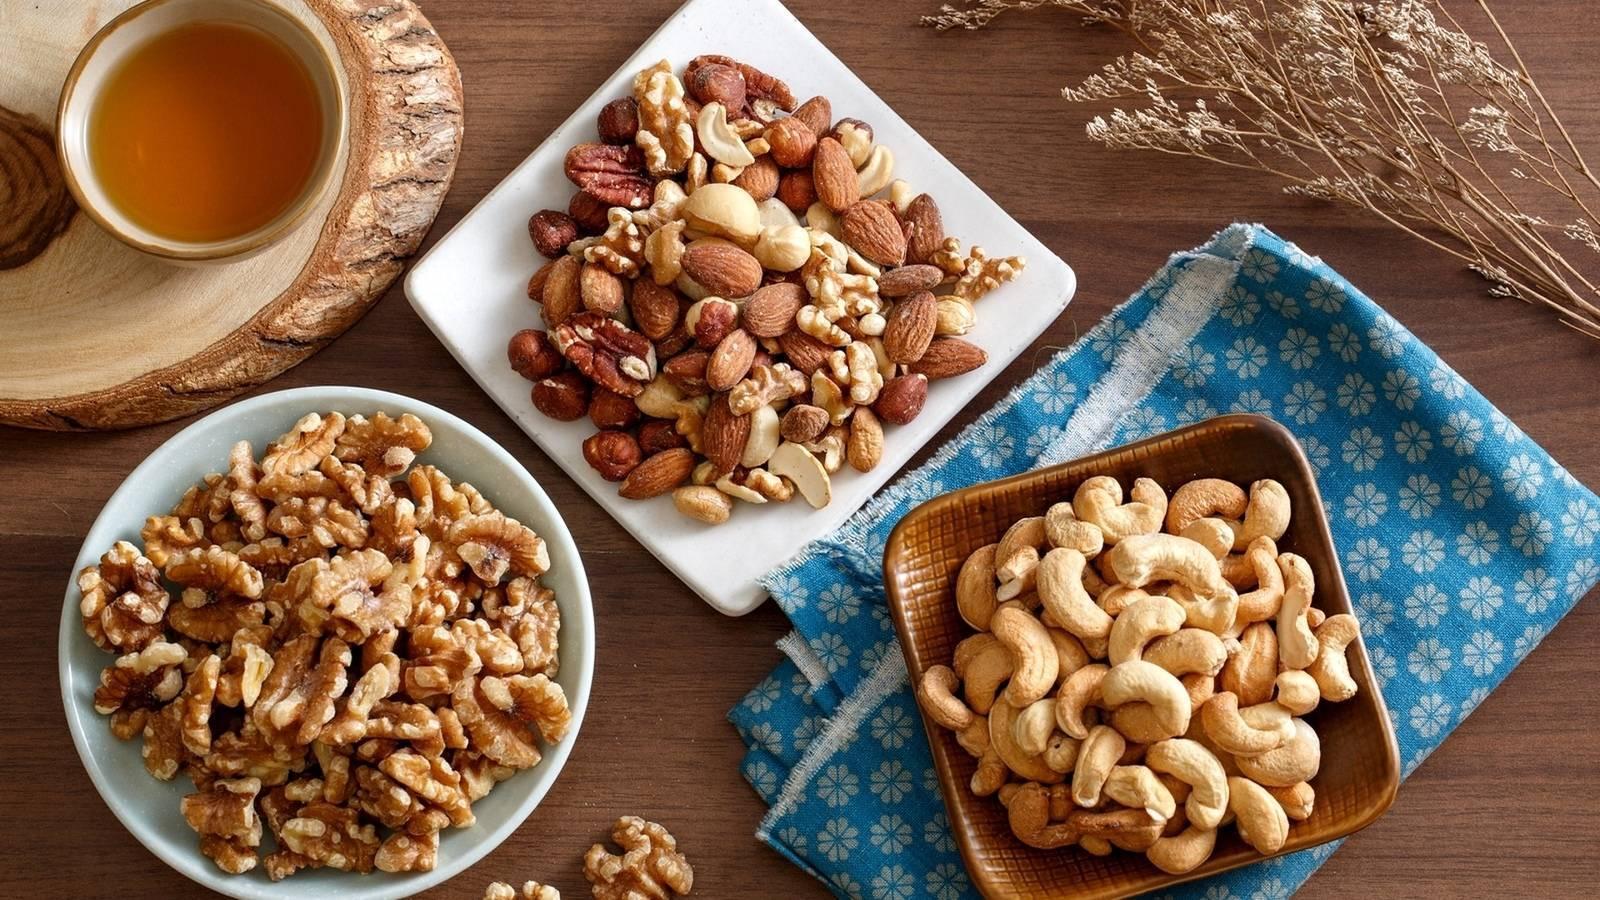 Можно ли кушать орехи при геморрое? пользу или вред это принесет?